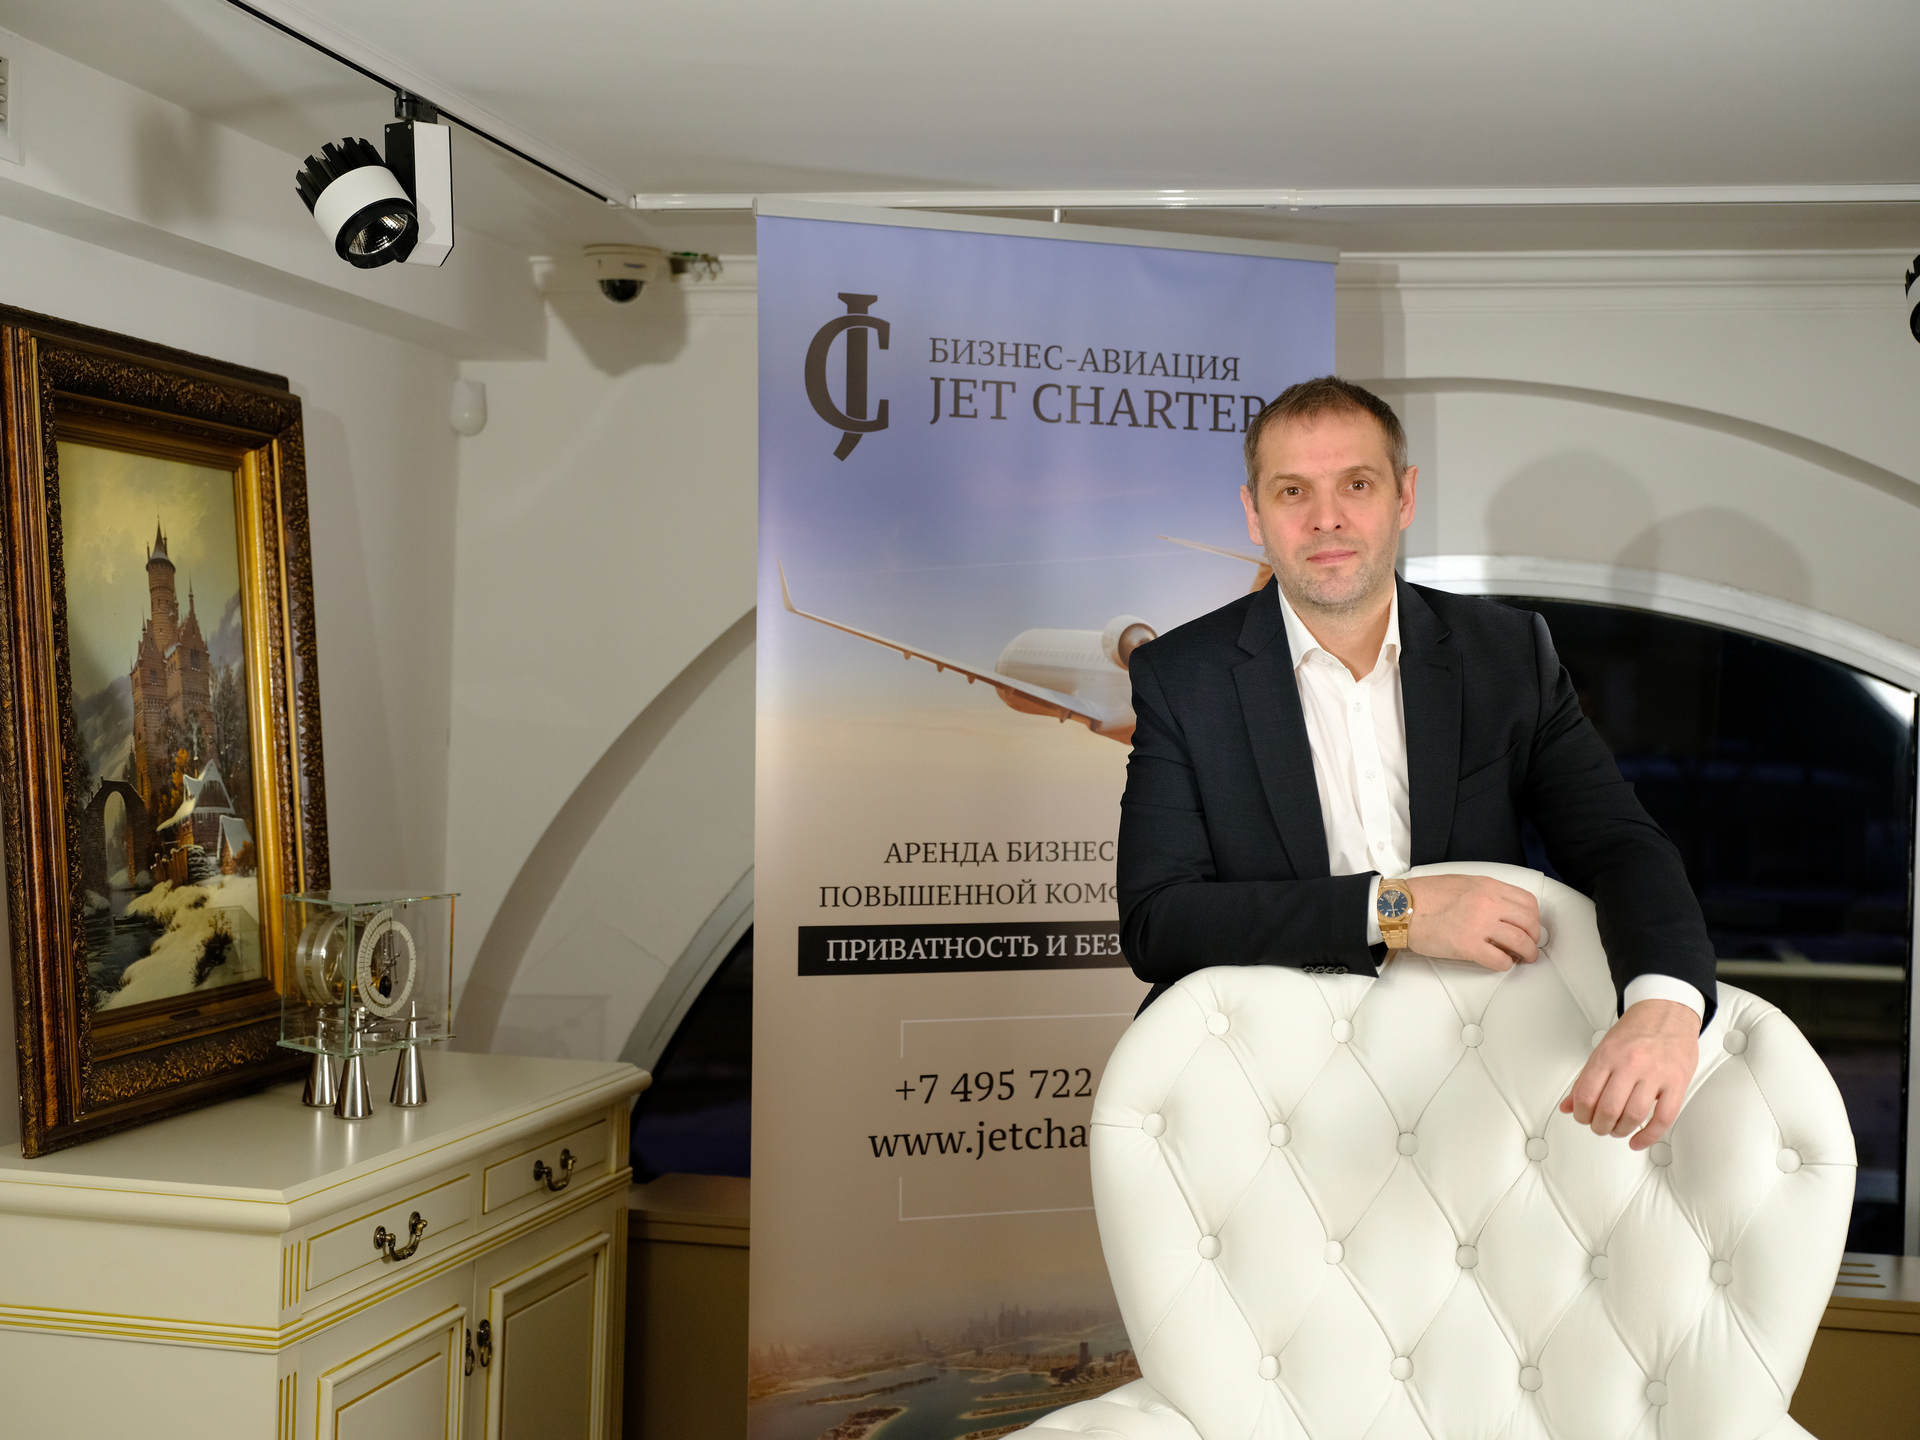 Как развивается рынок бизнес-авиации в современных реалиях?